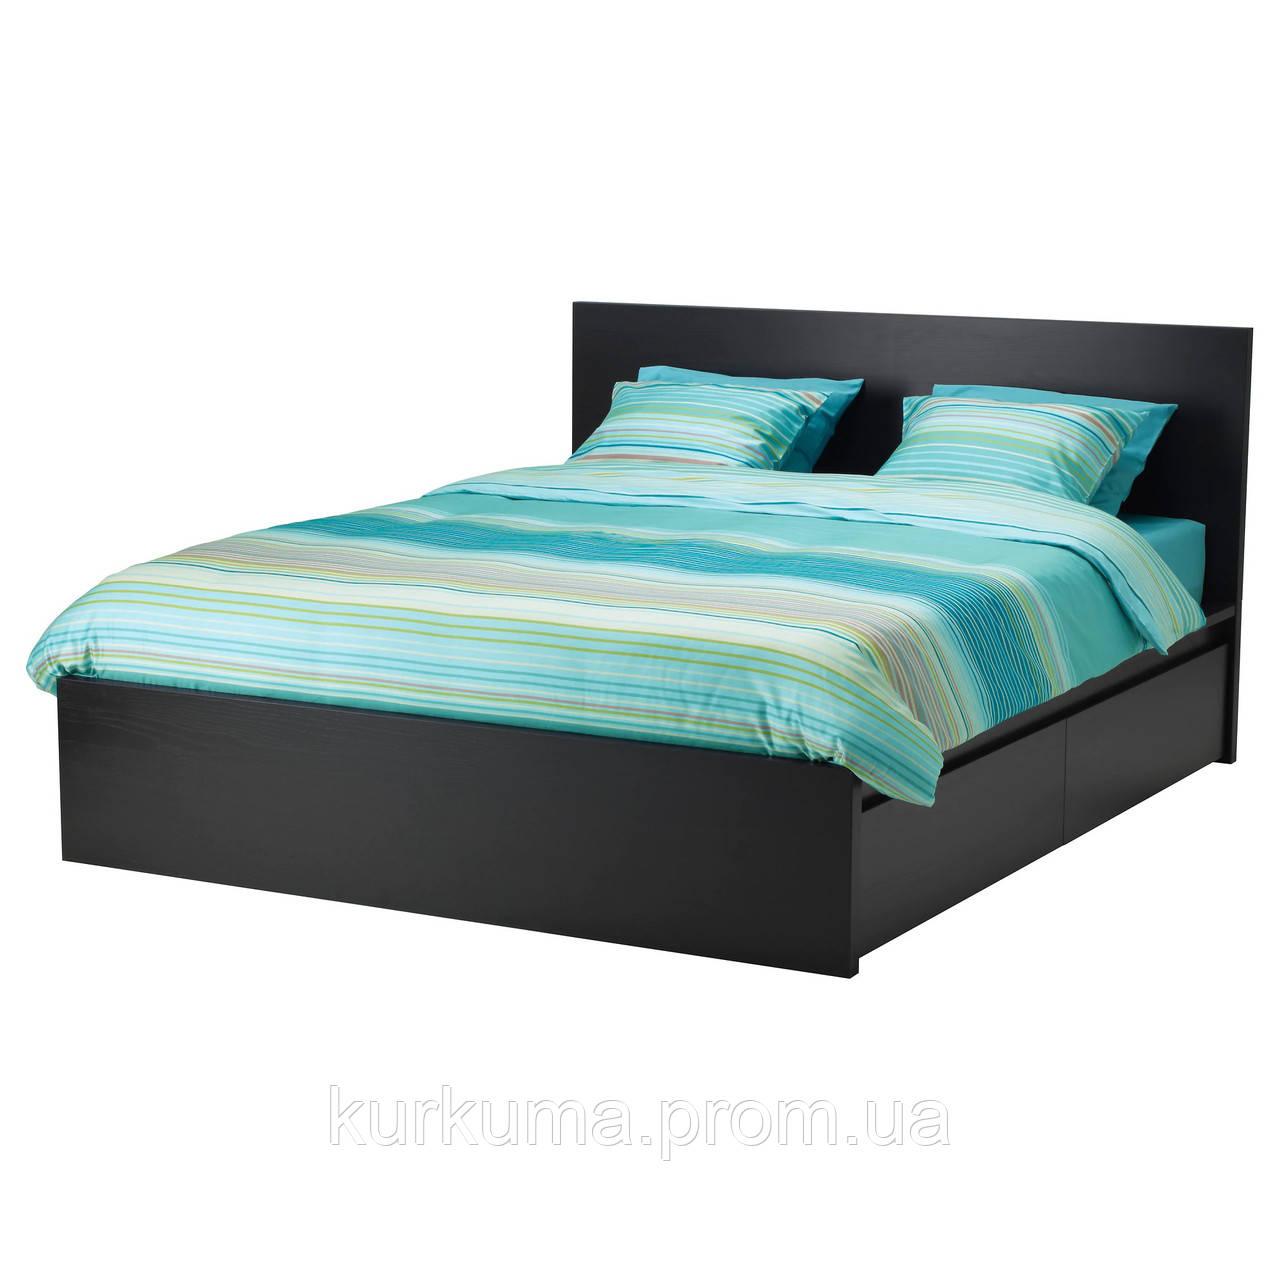 IKEA MALM Кровать высокая, 4 ящика, черно-коричневый, Лурой  (590.024.36)